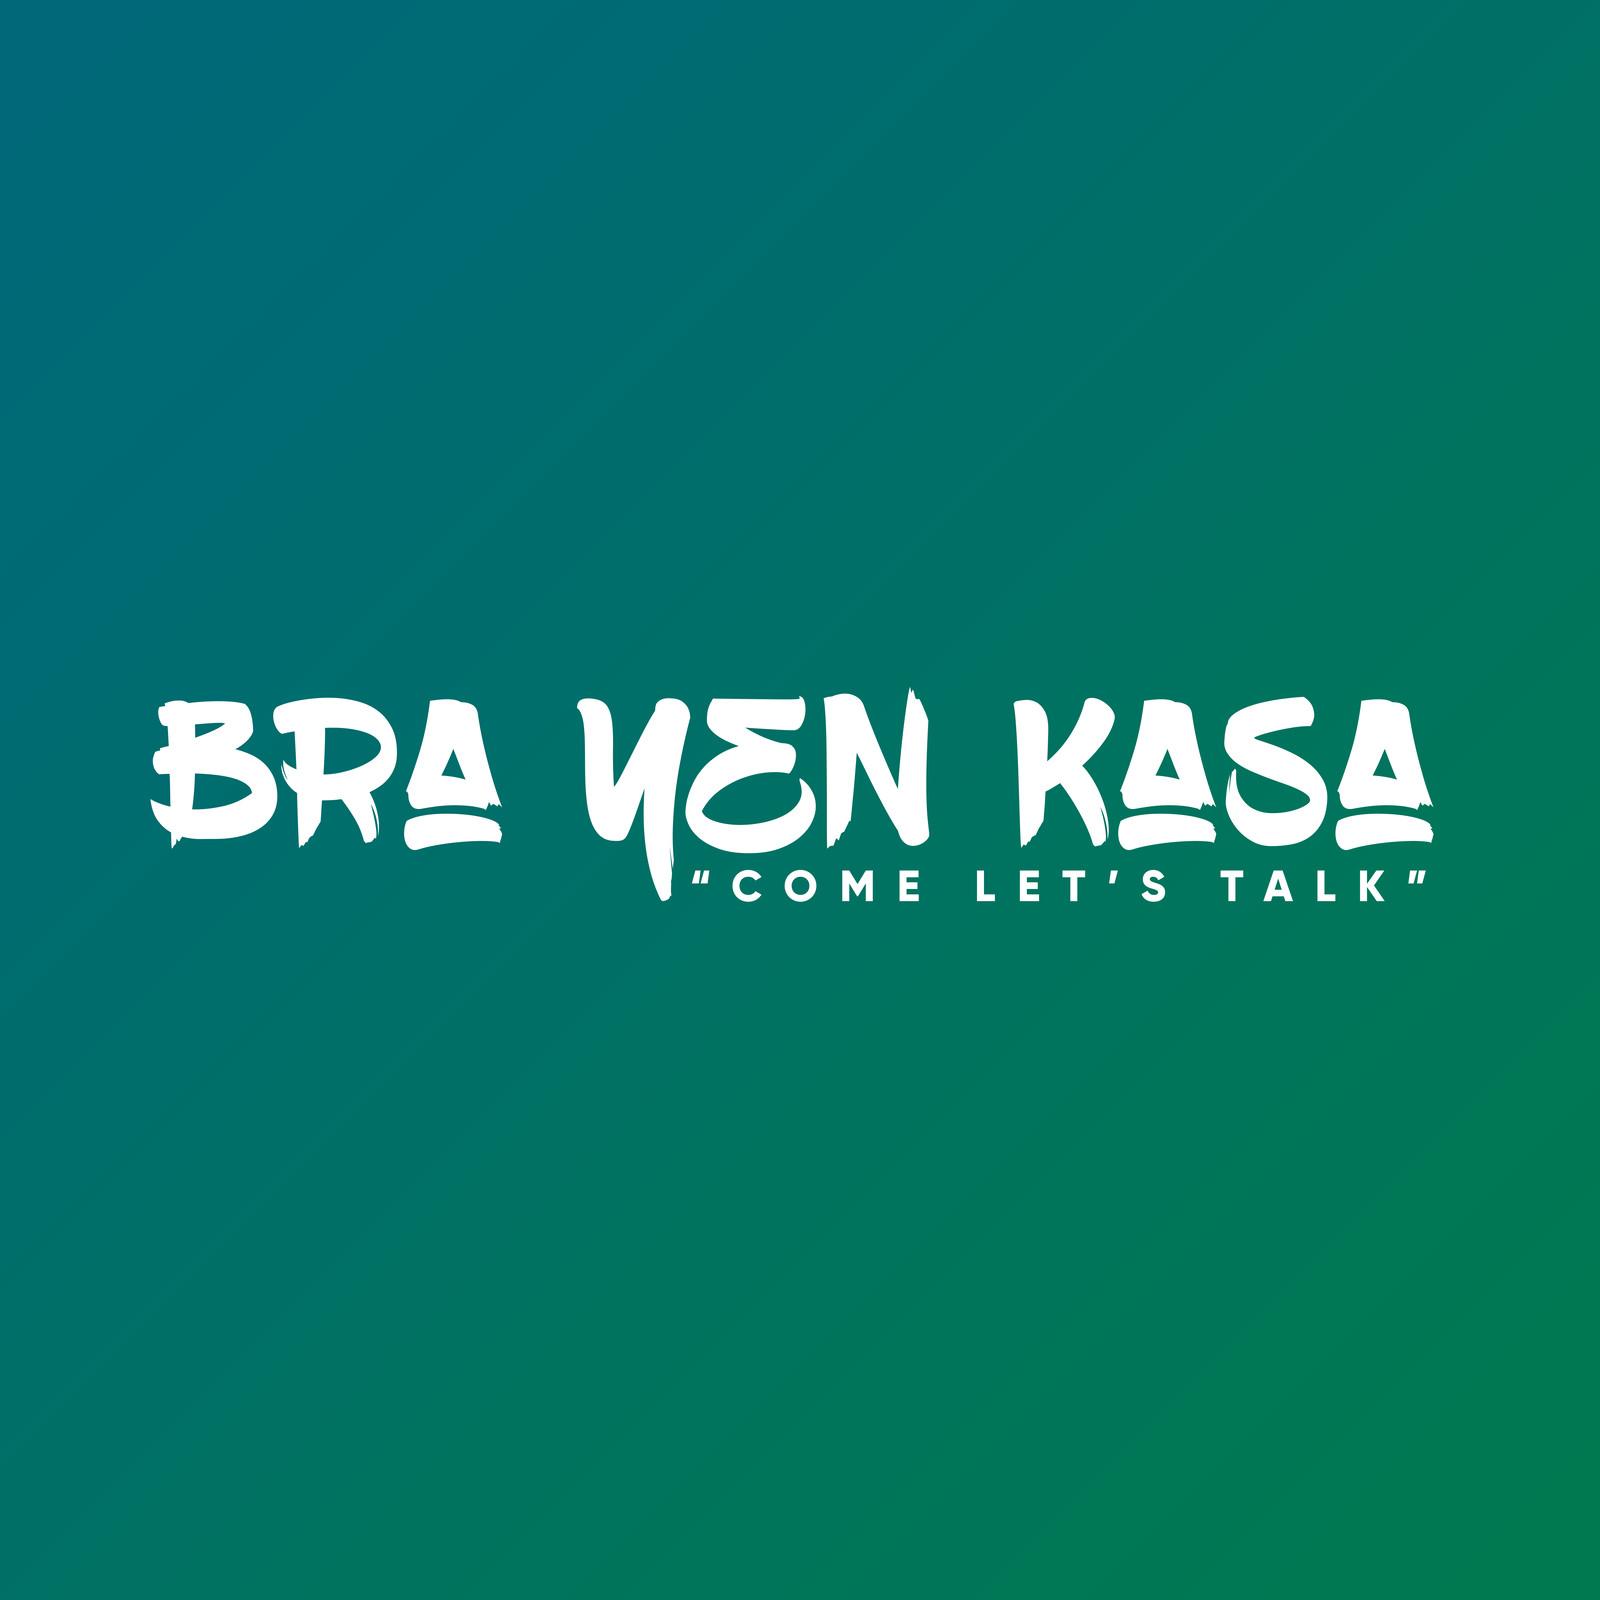 BRA YEN KASA (Come Let's Talk) - CLIENT WORK